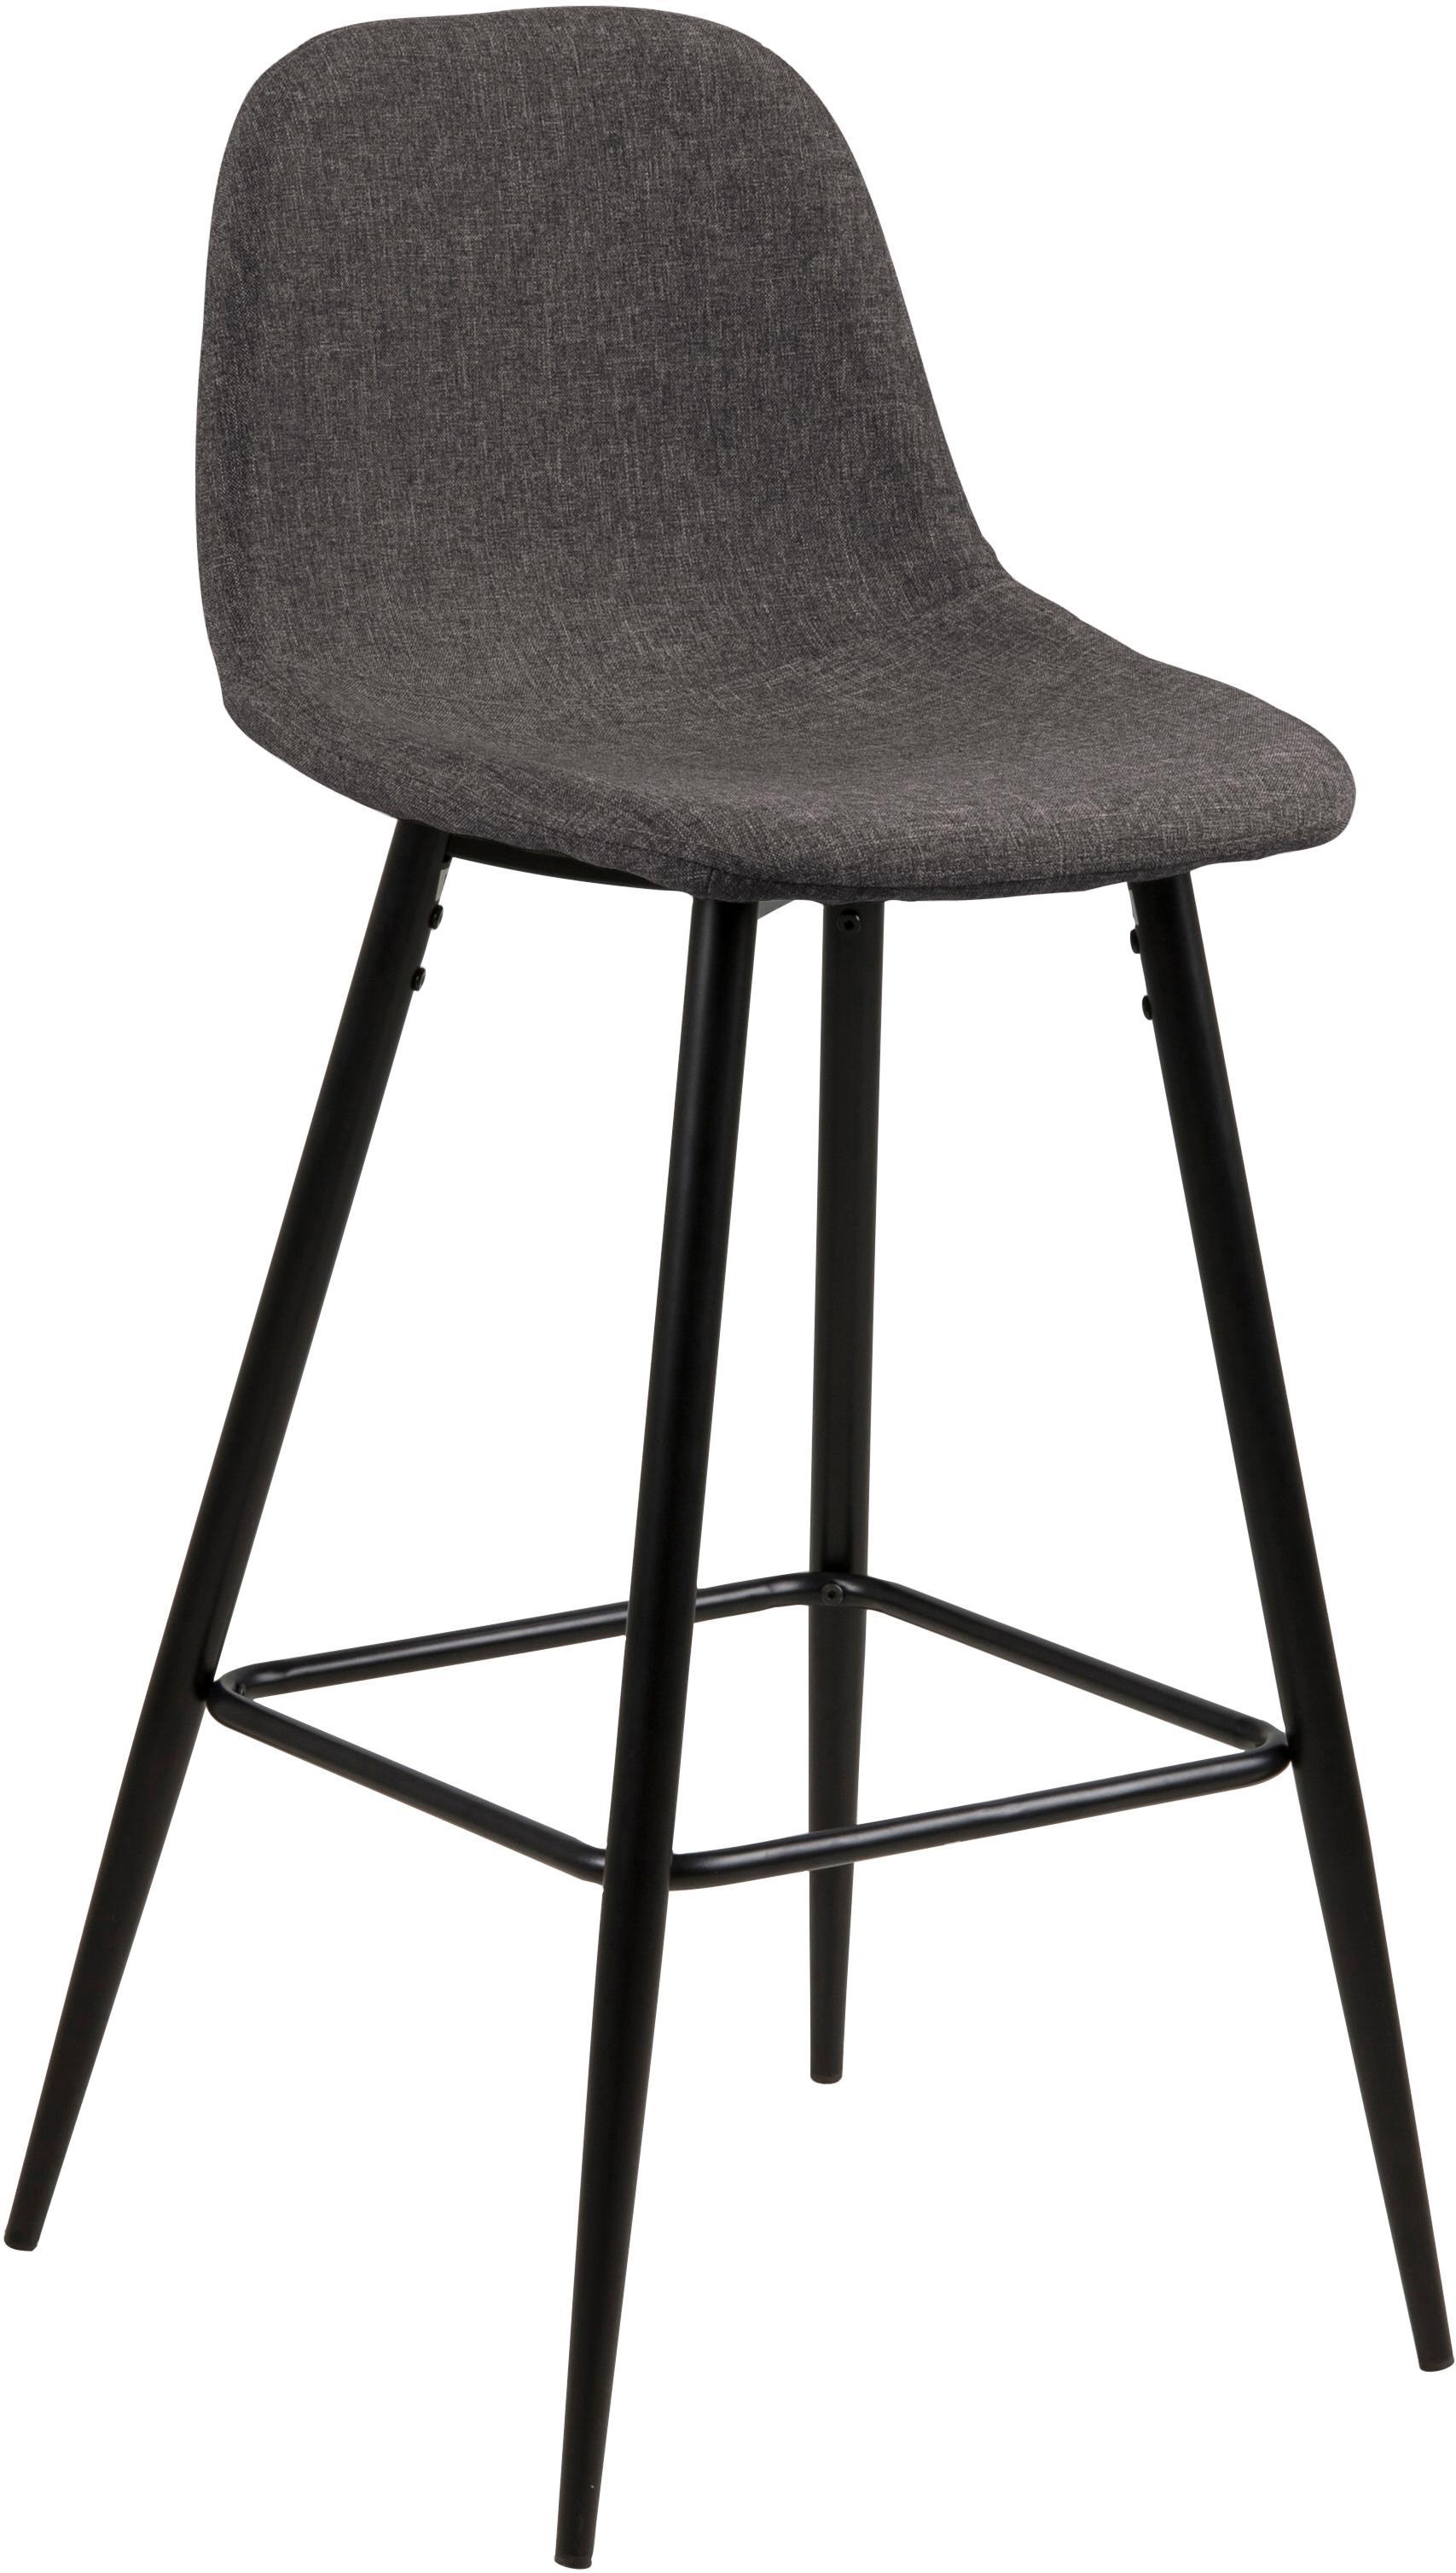 Barstoelen Wilma, 2 stuks, Bekleding: polyester, Frame: gelakt metaal, Grijs, 44 x 91 cm